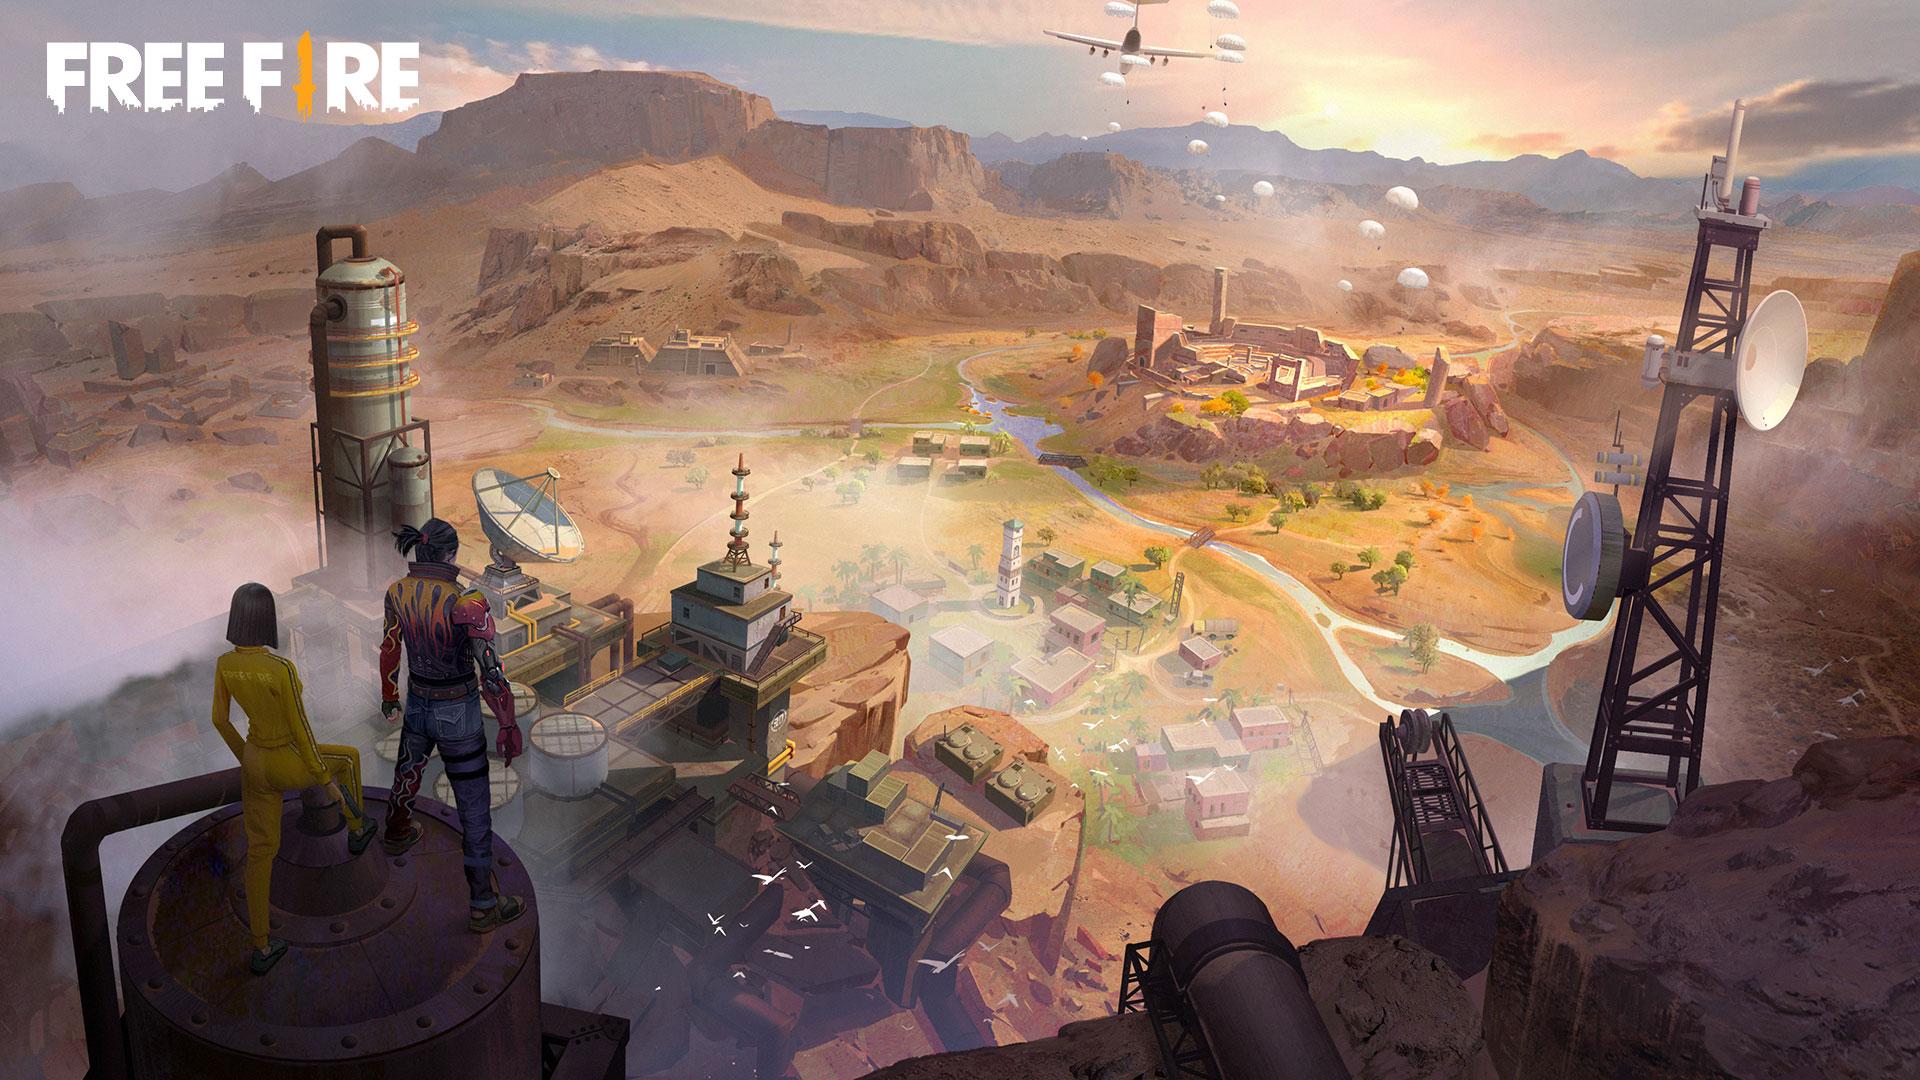 Ilustração de Free Fire mostrando dois personagens em cima de uma estrutura de fábrica, olhando para a fábrica abaixo